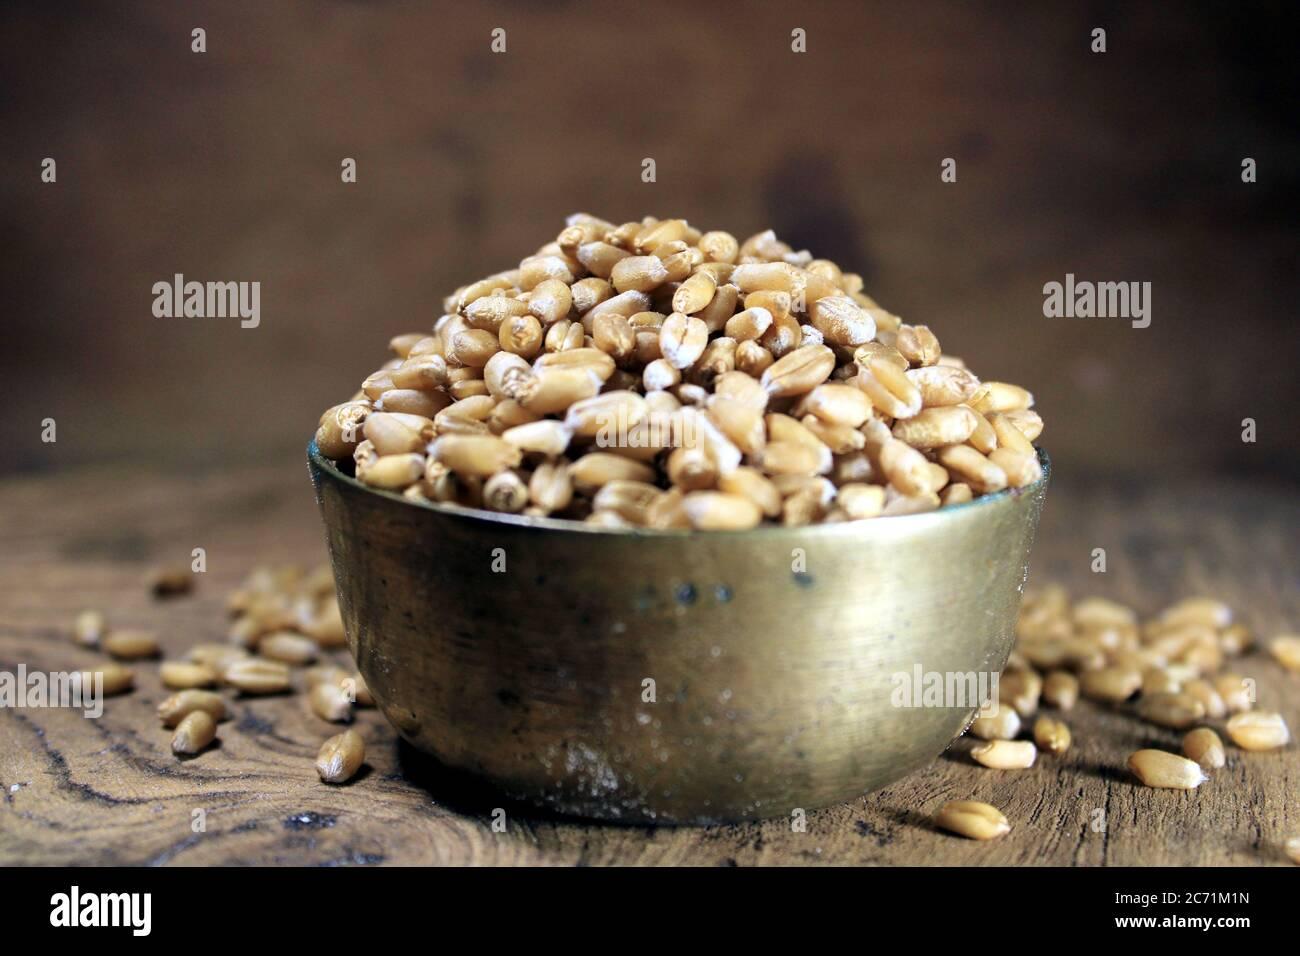 Montón de trigo orgánico de grano entero. Grano de trigo fresco cosechado en un tazón aislado sobre fondo de madera. Granos de trigo y harina de trigo. Foto de stock